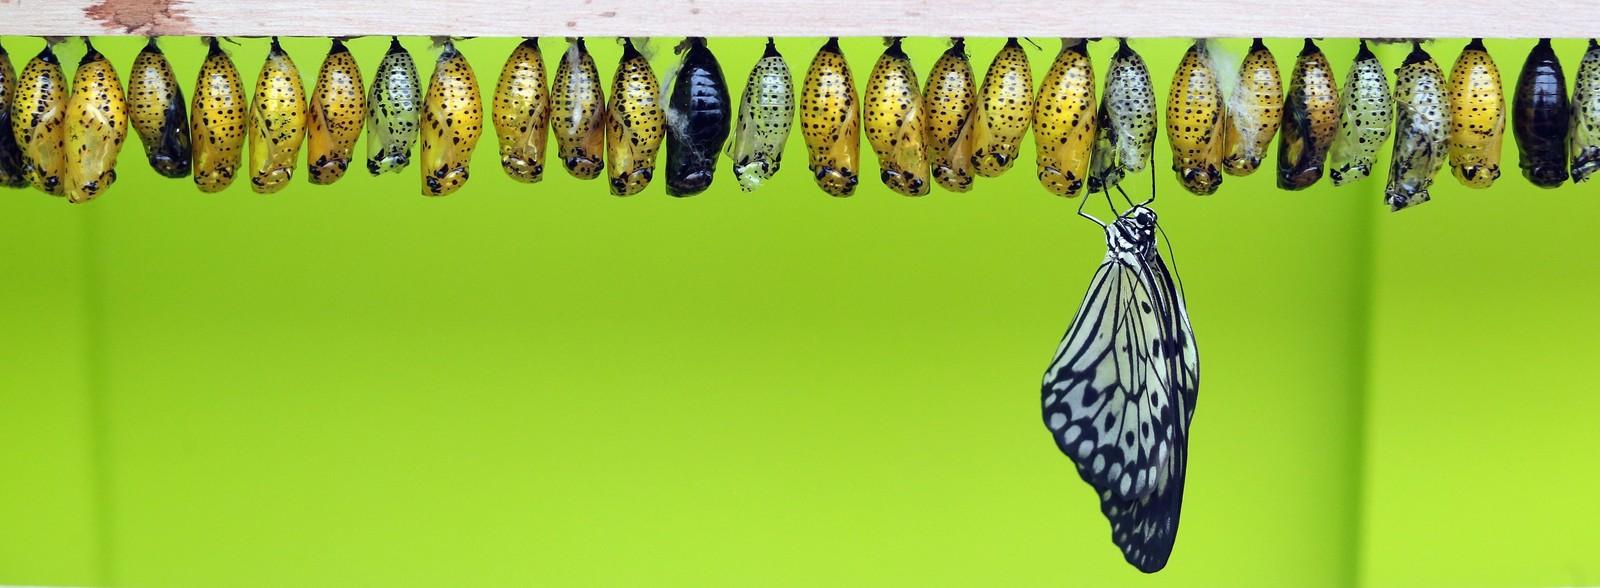 Sensational-Butterflies_pixanews-14.jpg